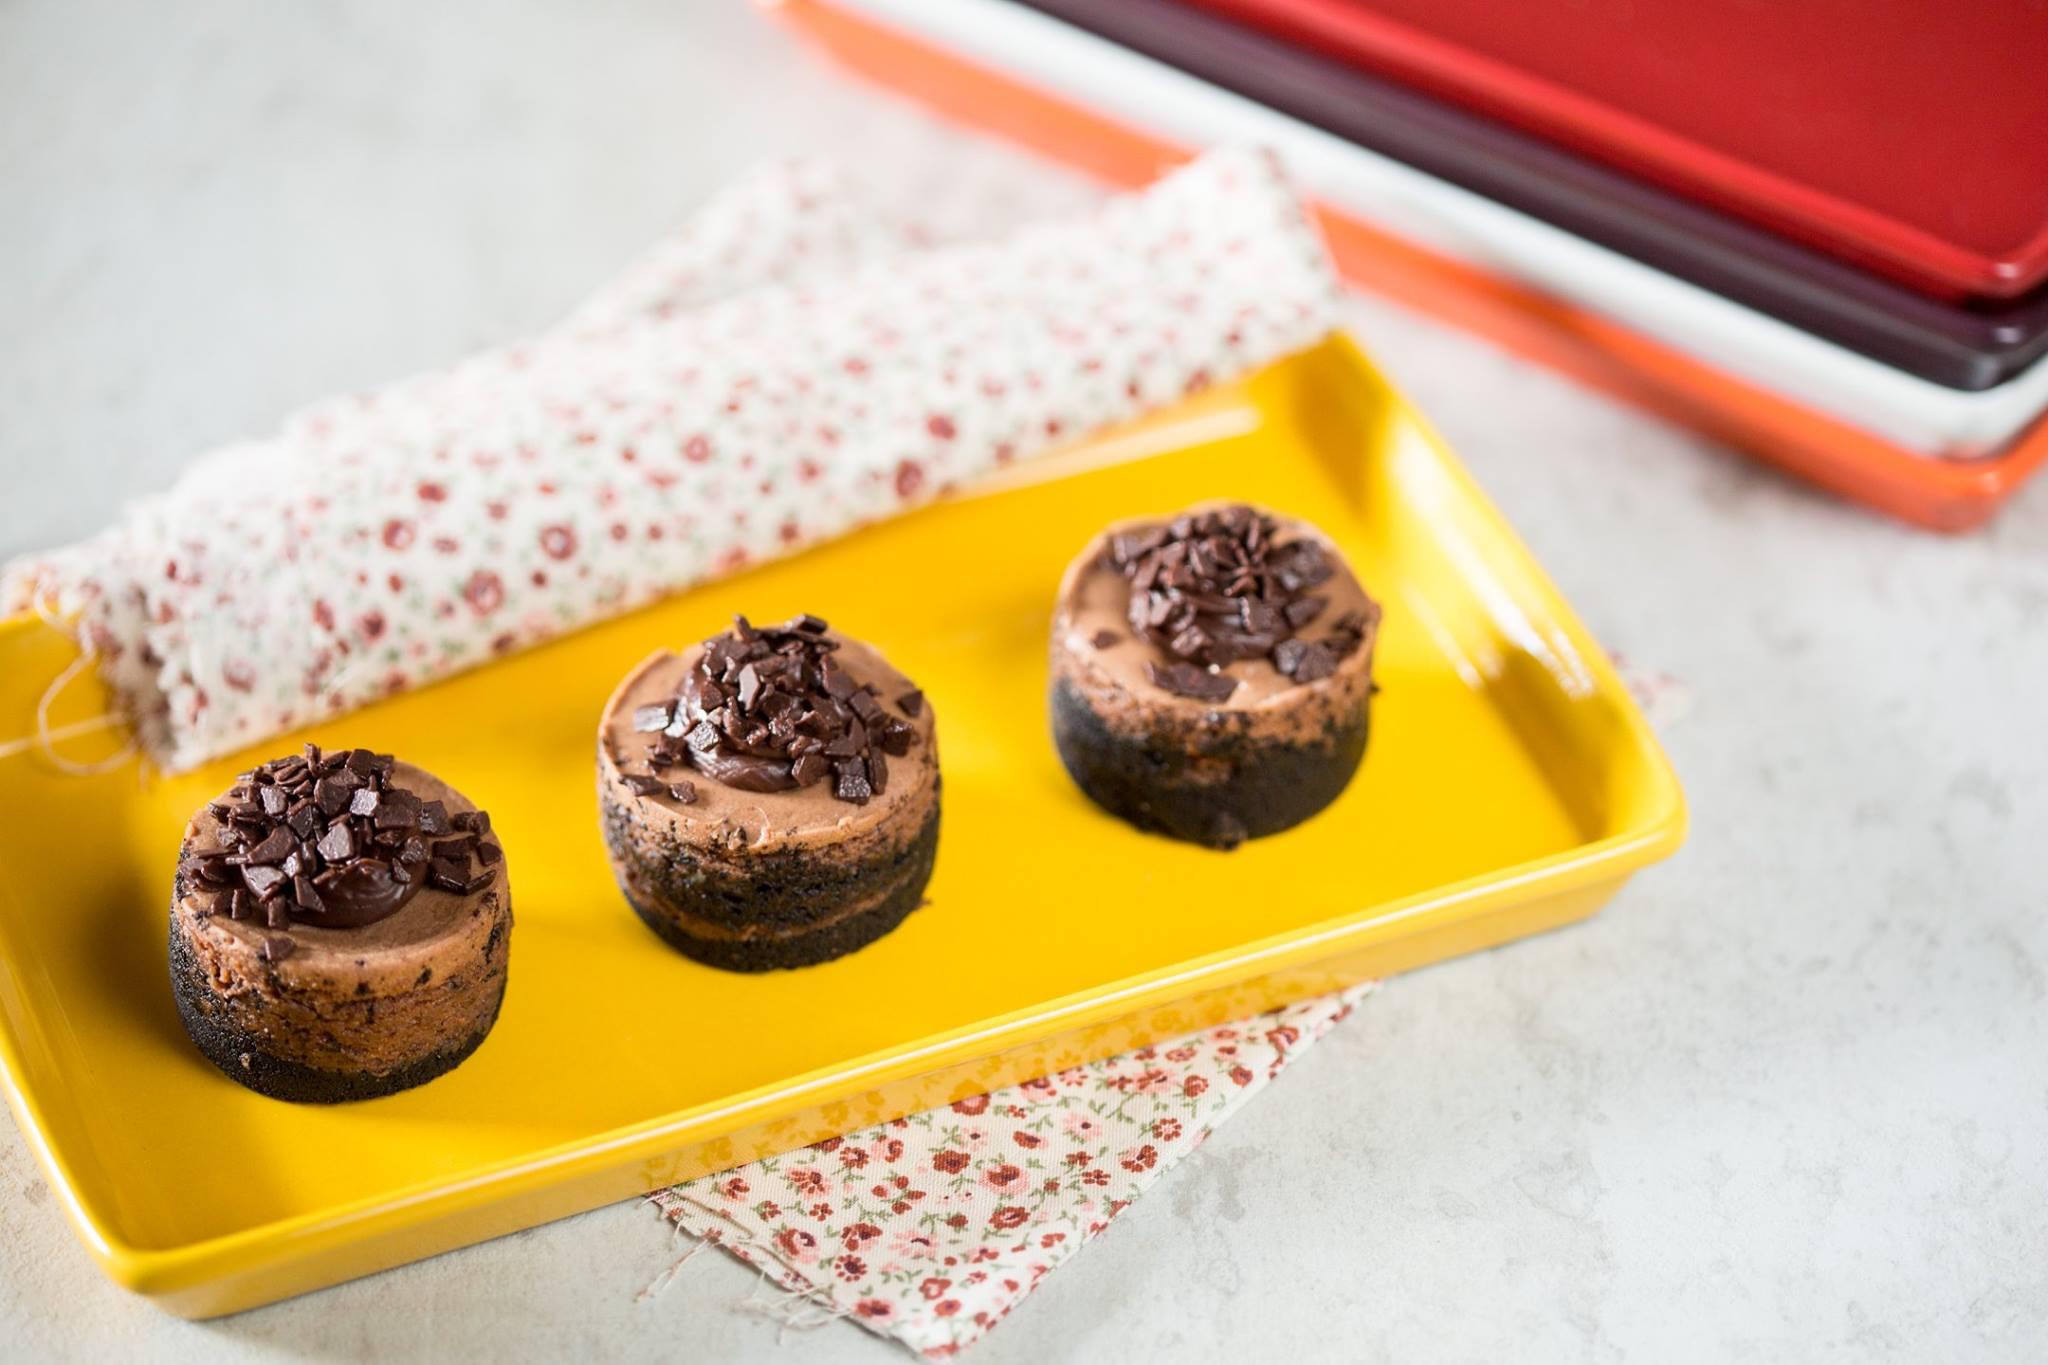 Кондитерская посыпка из шоколадных элементов на пирожных, поданных на керамическом подносе от Ceraflame